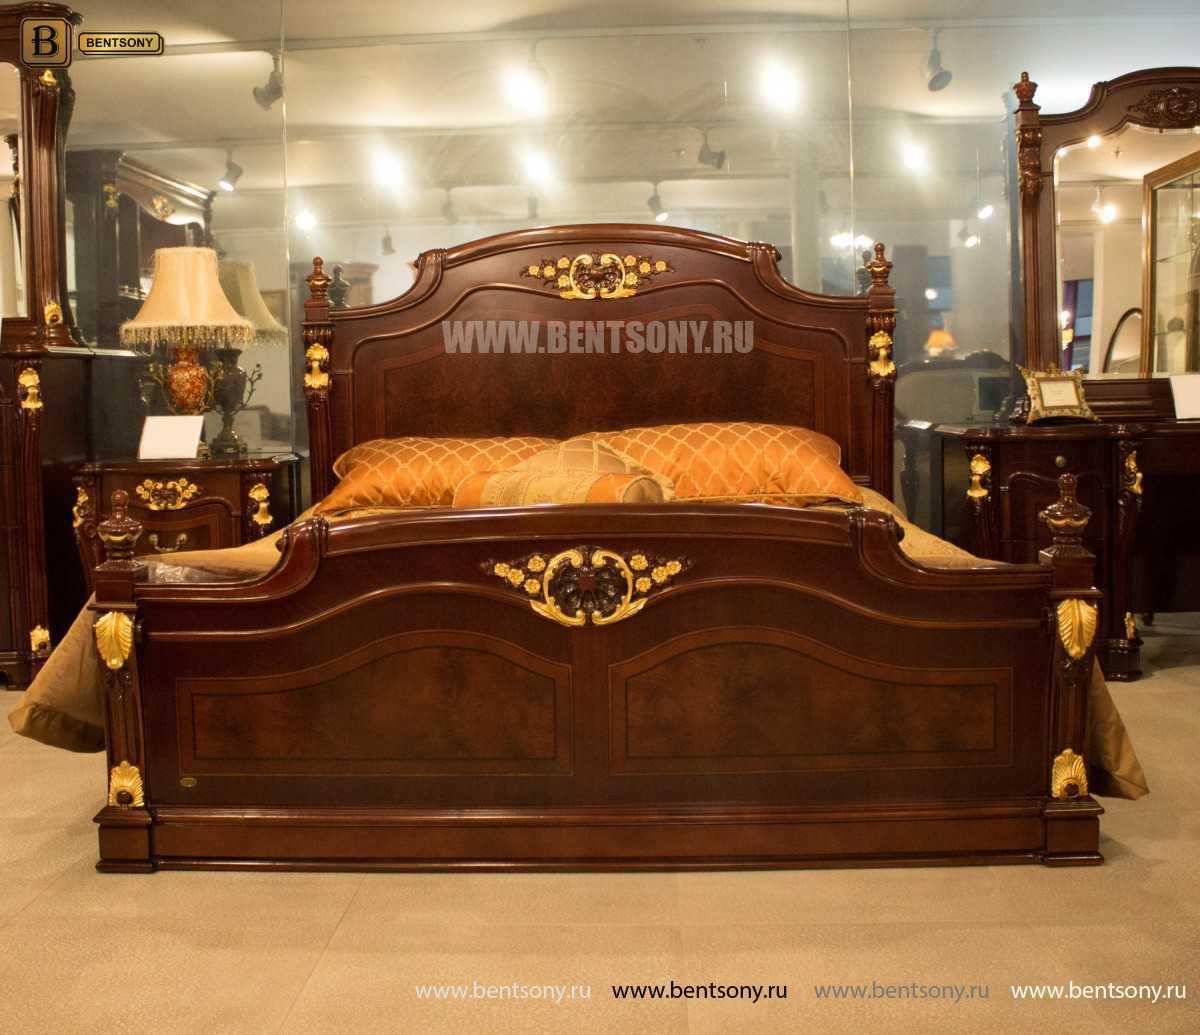 Кровать Вагнер А (Классика, Массив дерева) каталог с ценами